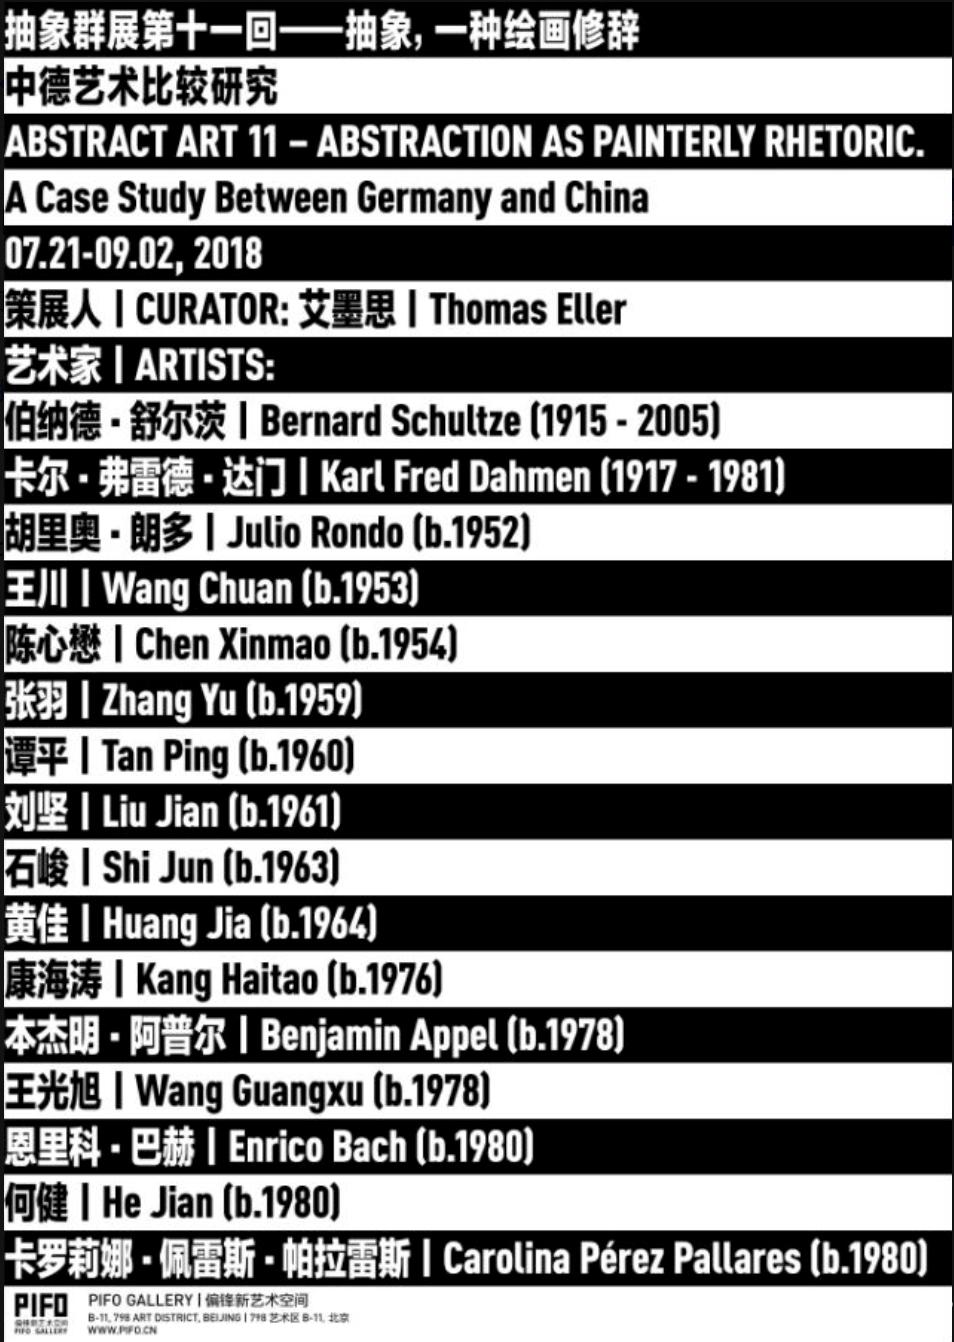 meishubao/2018072517261018995.png